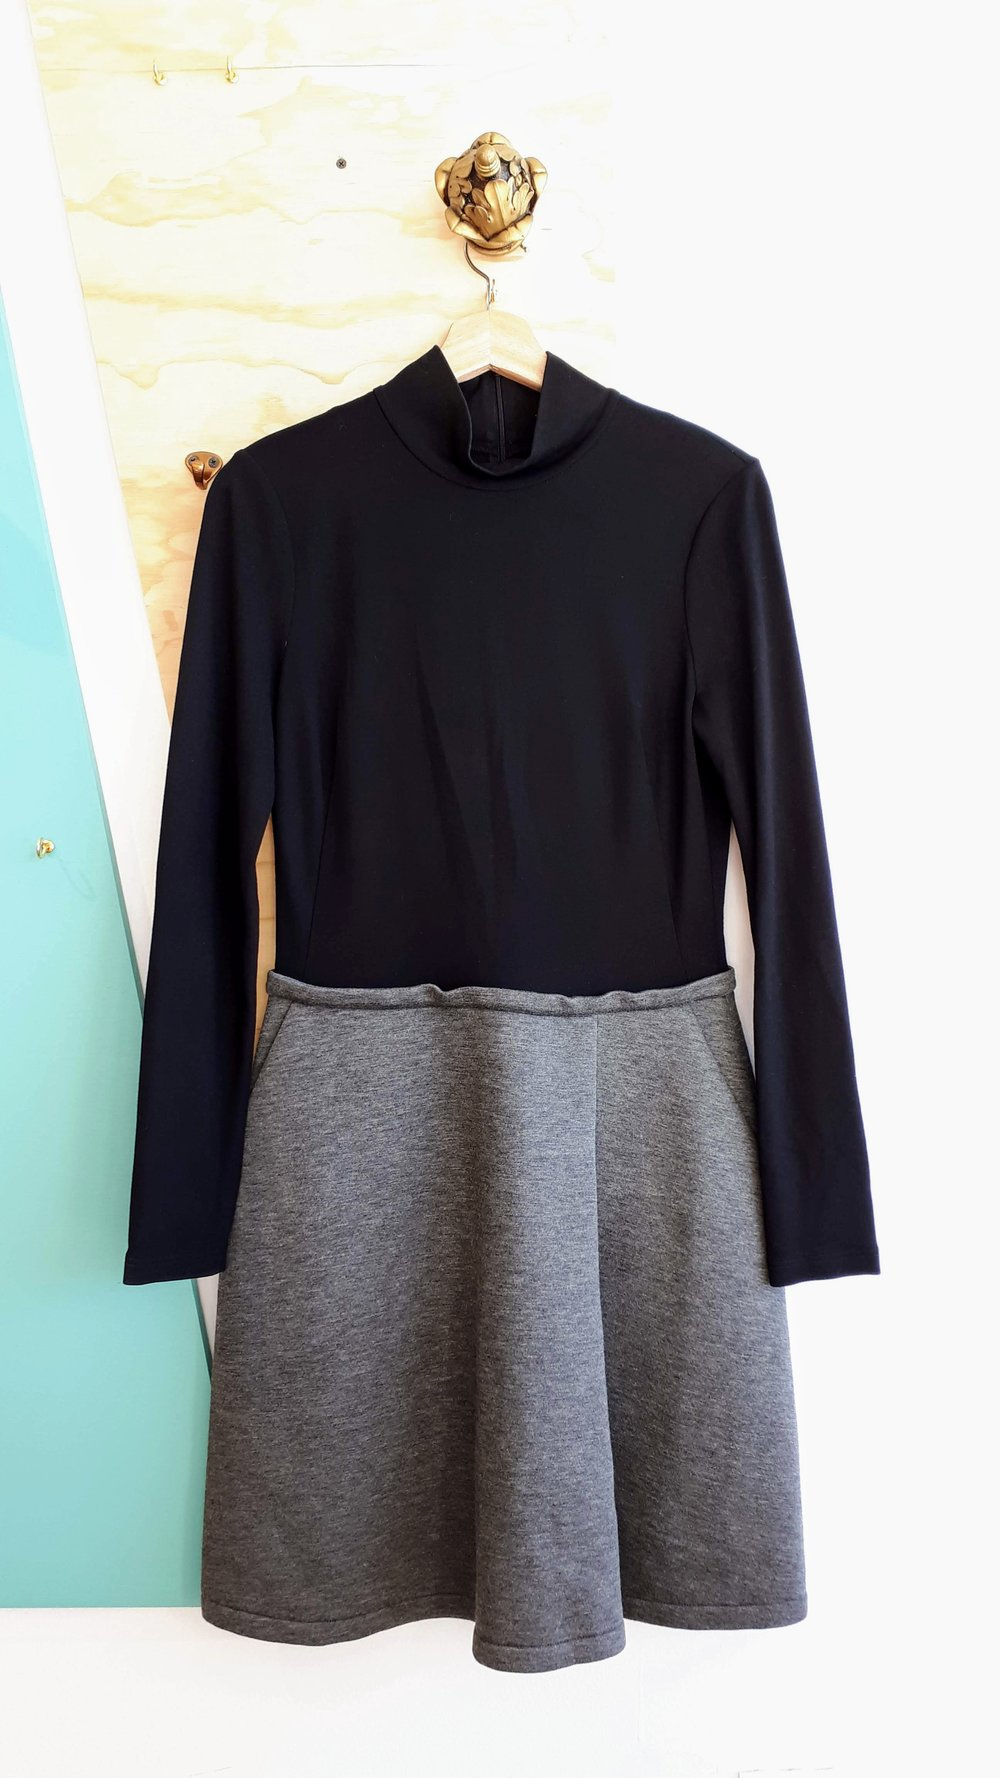 Jil Sander dress; Size M, $225